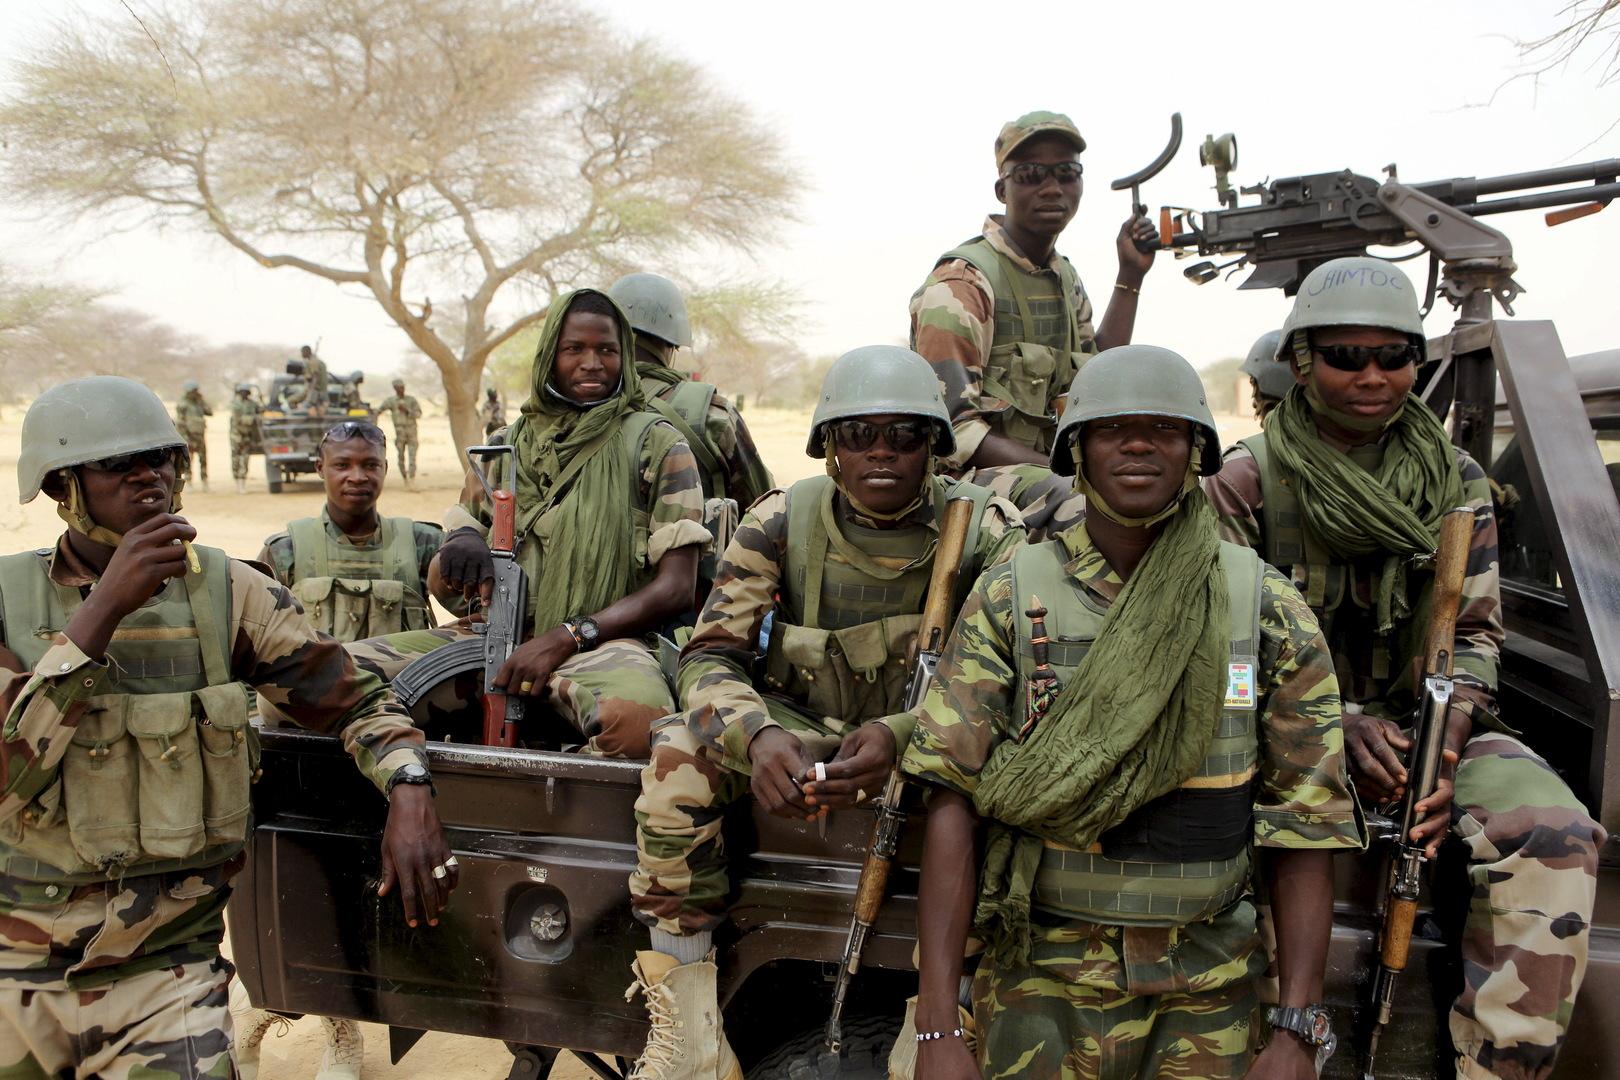 إطلاق صواريخ على مدينة ديفا بجنوب شرقي النيجر